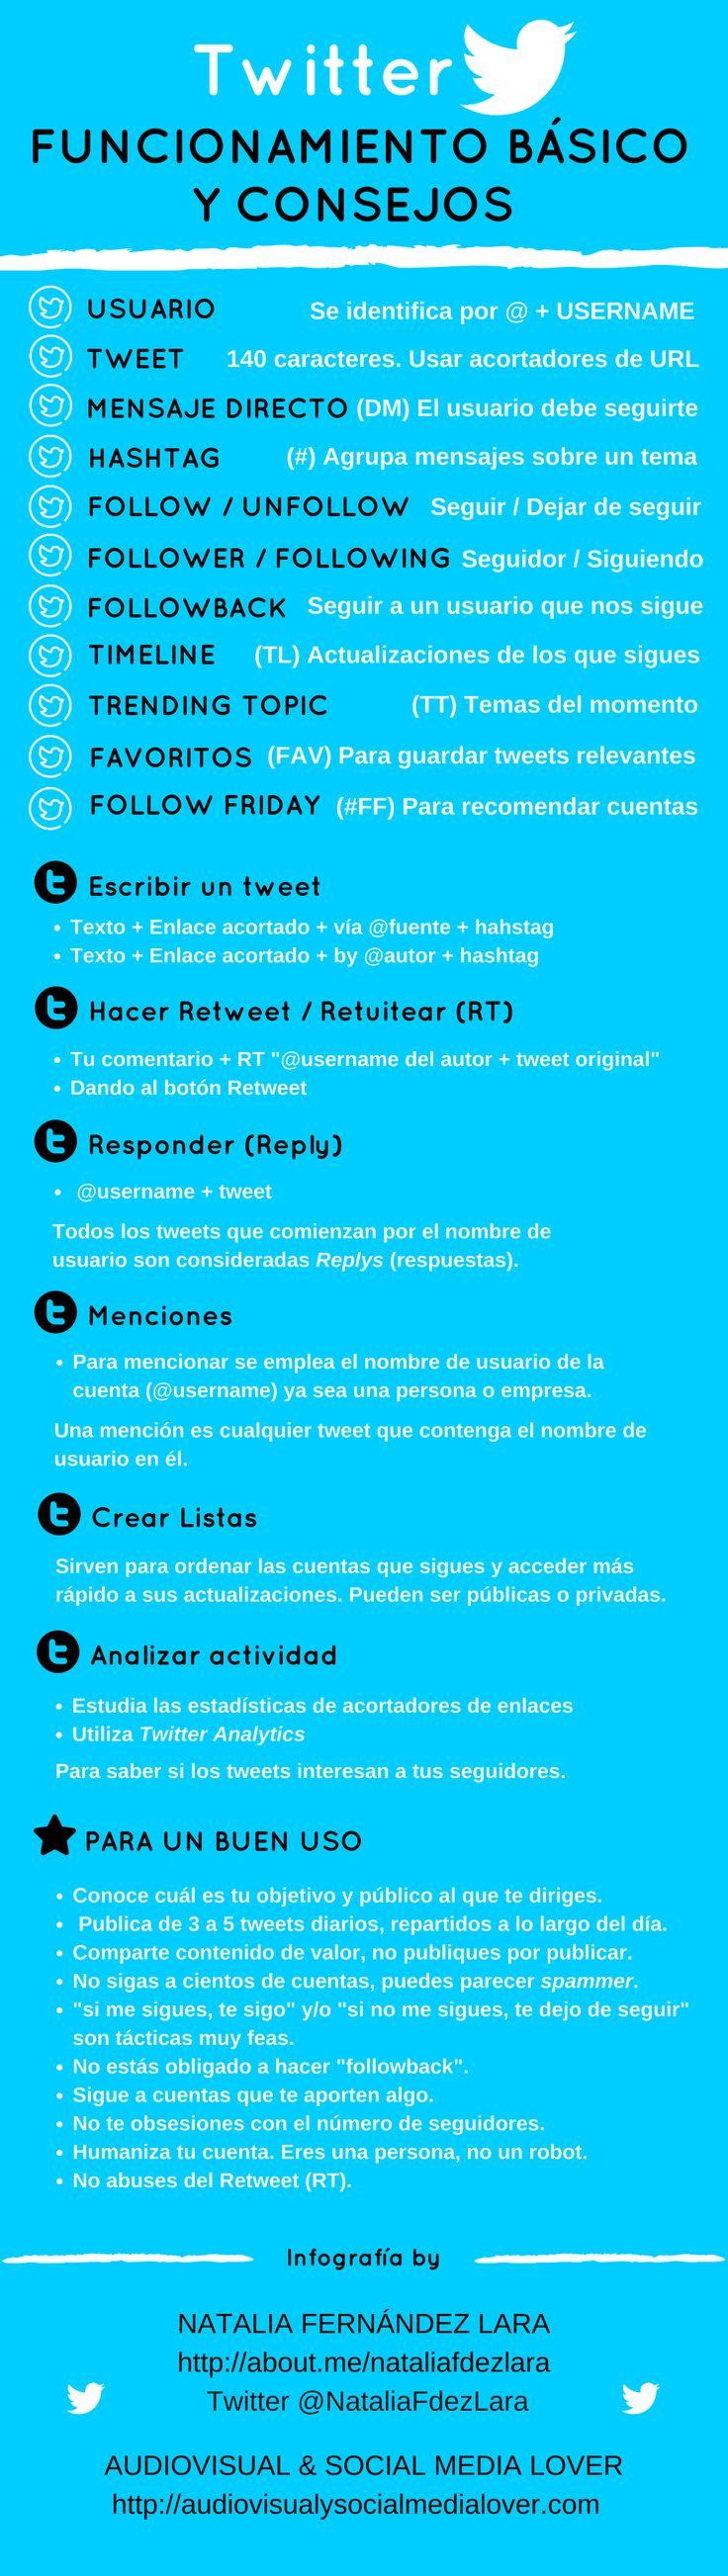 Infografía sobre el funcionamiento de Twitter y consejos